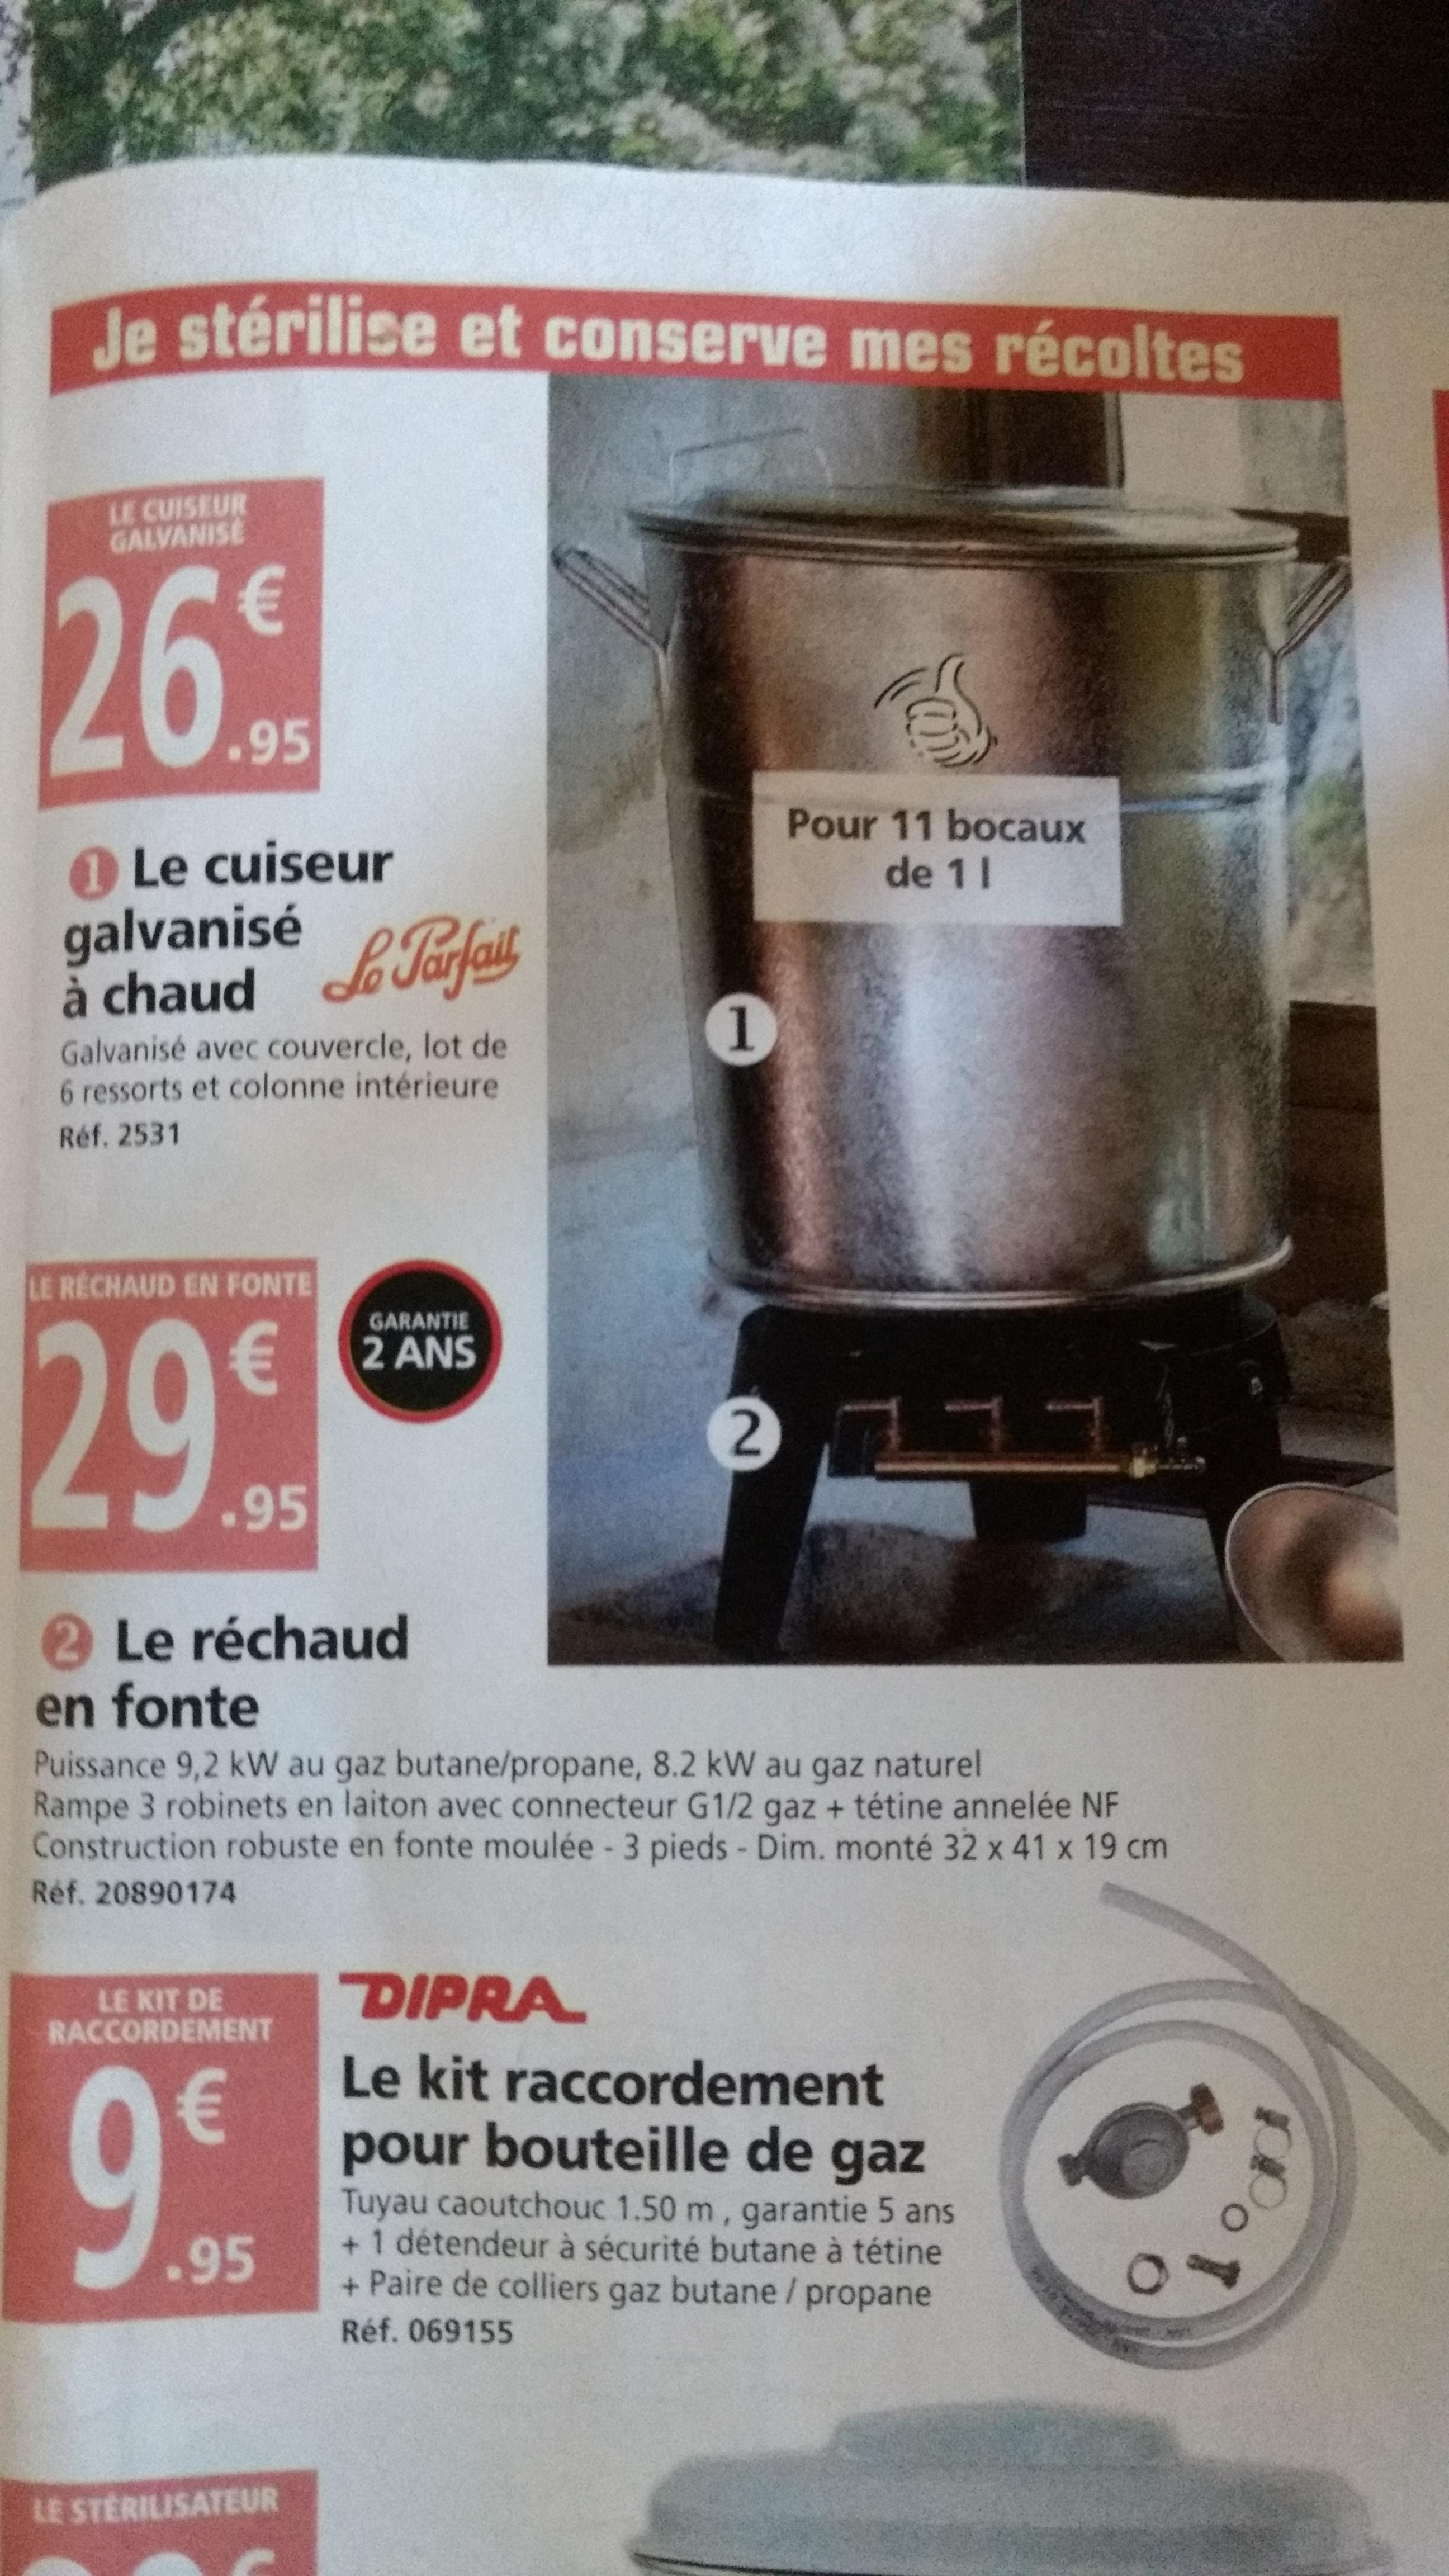 Stérilisateur Le Parfait - 11 bocaux 1L